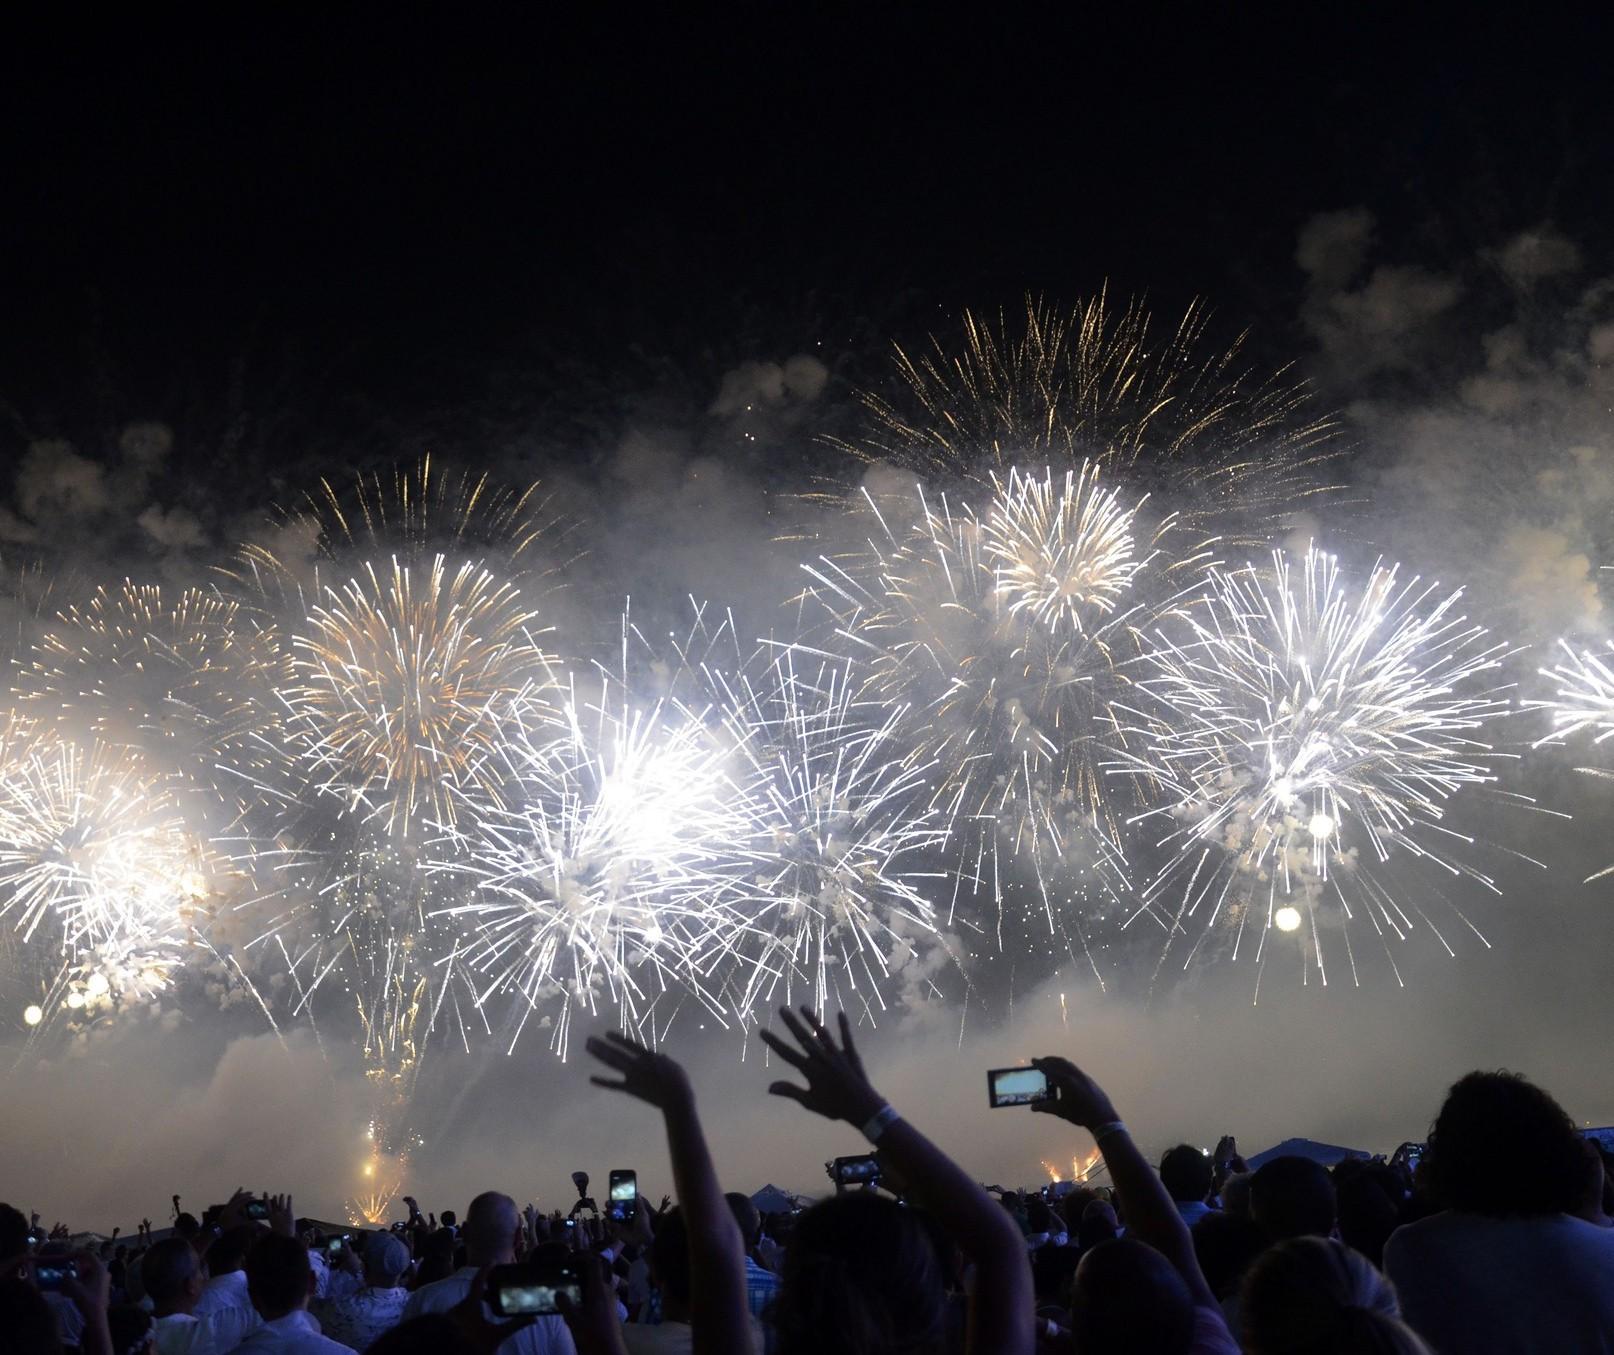 Prefeitura revoga licitação para compra de fogos de artifício